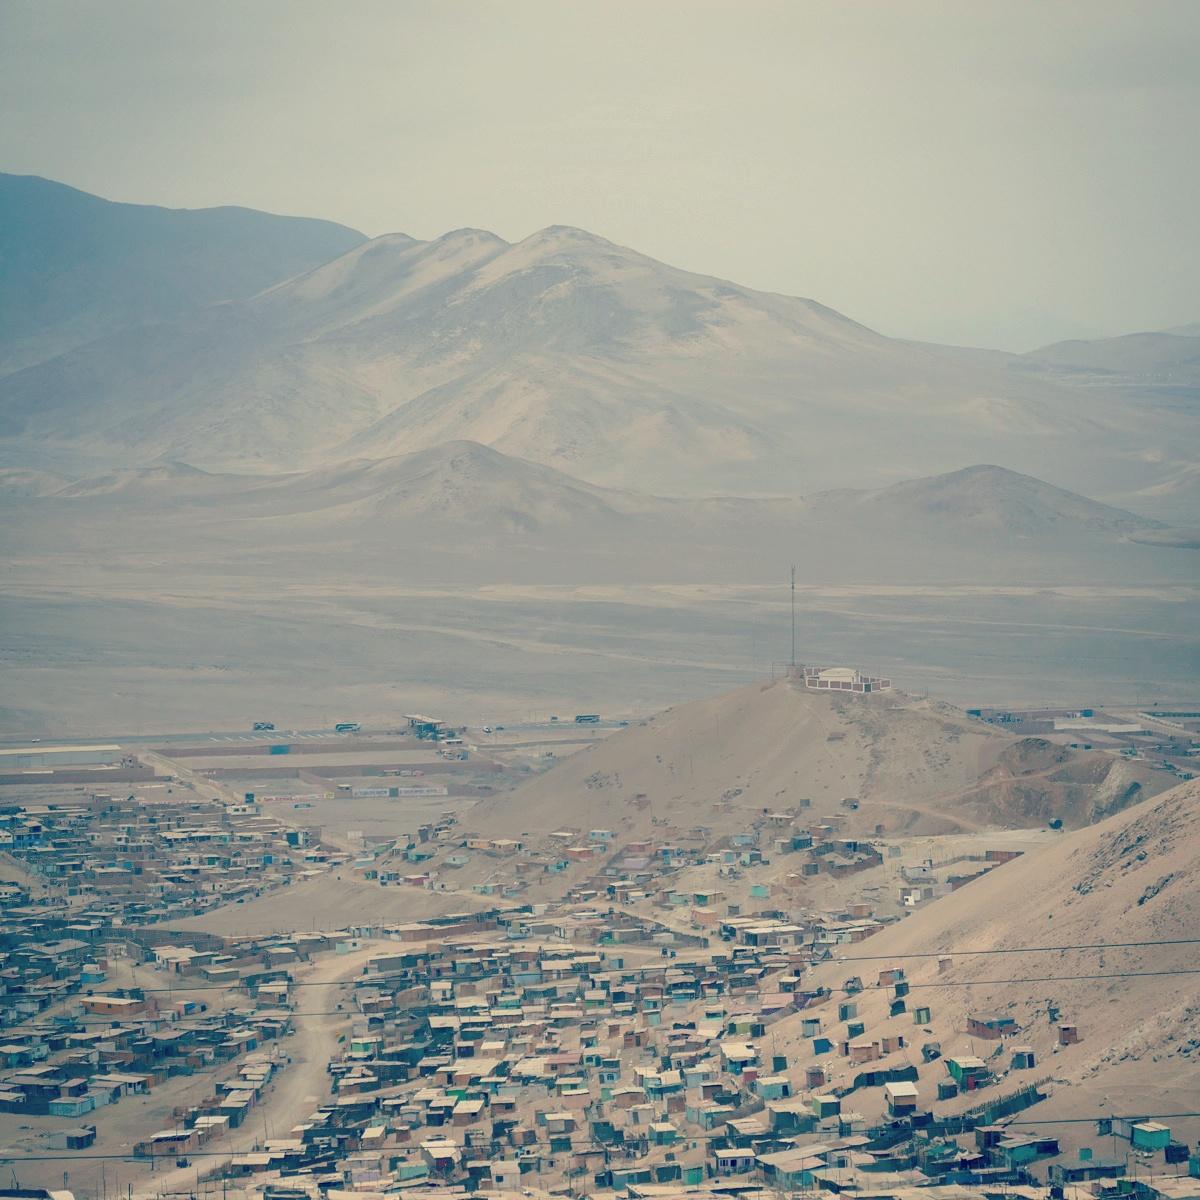 Lima's outer suburbs. Noah Strycker